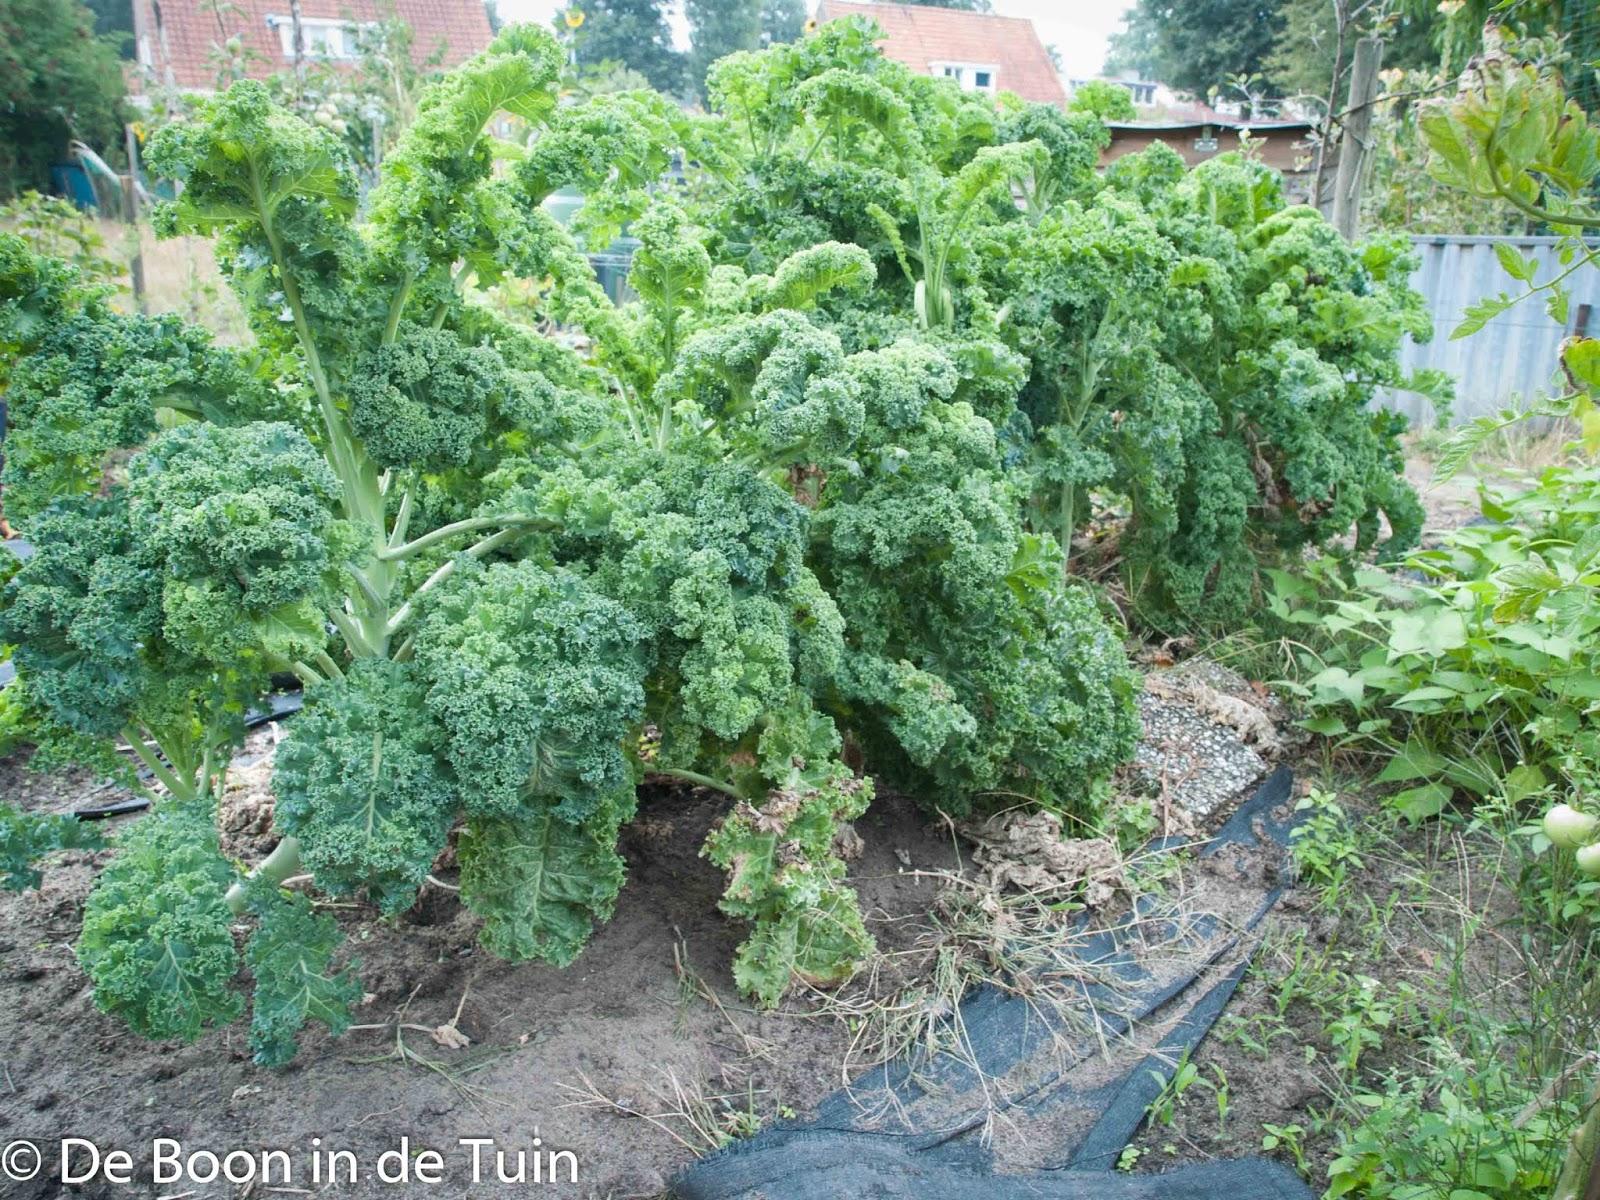 boerenkool augustus moestuin volkstuin oogst